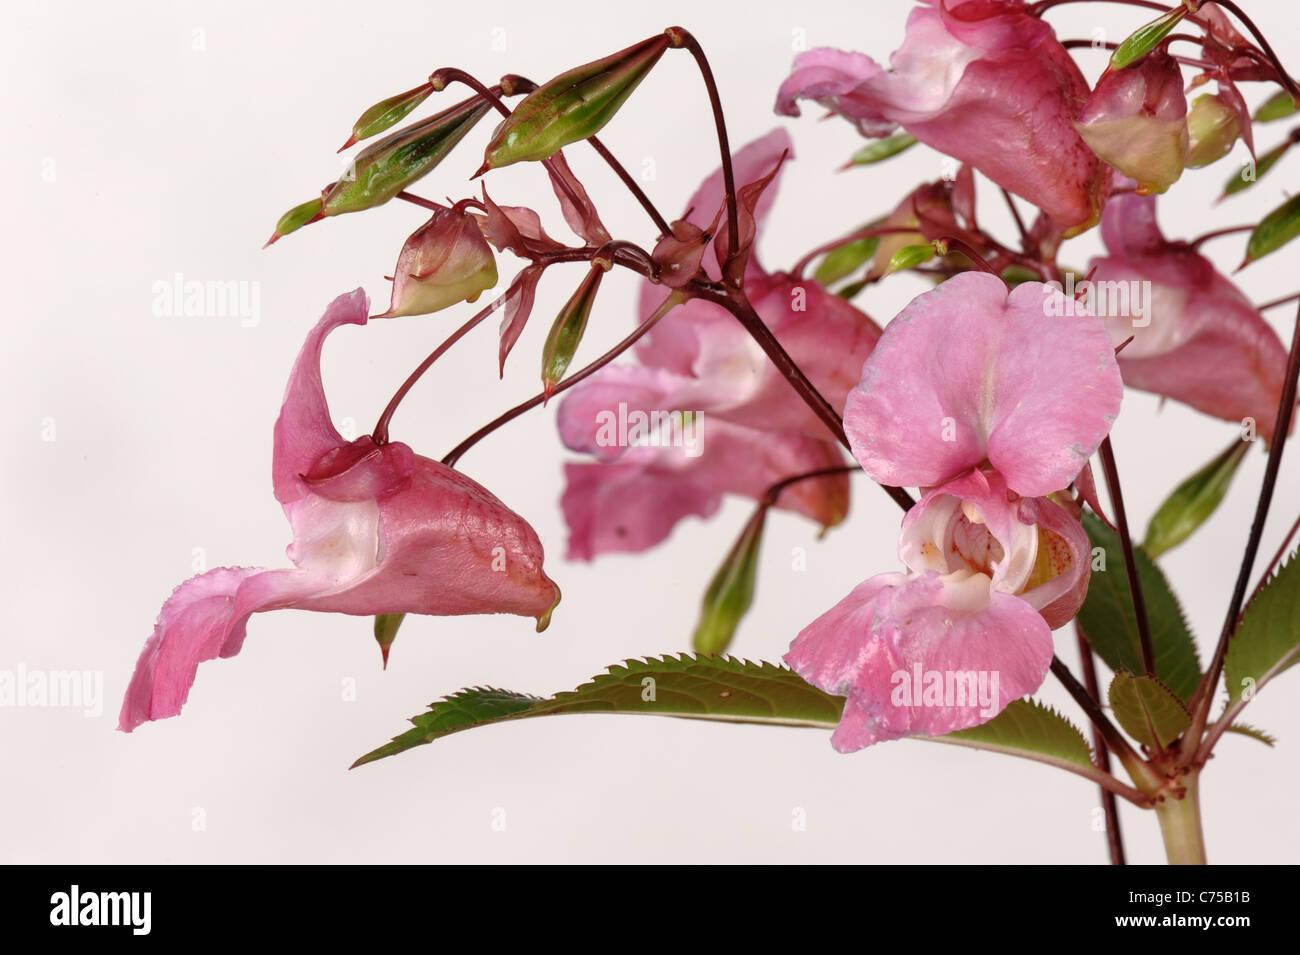 Bálsamo del Himalaya (Impatiens gladulifera) flores y vainas Foto de stock